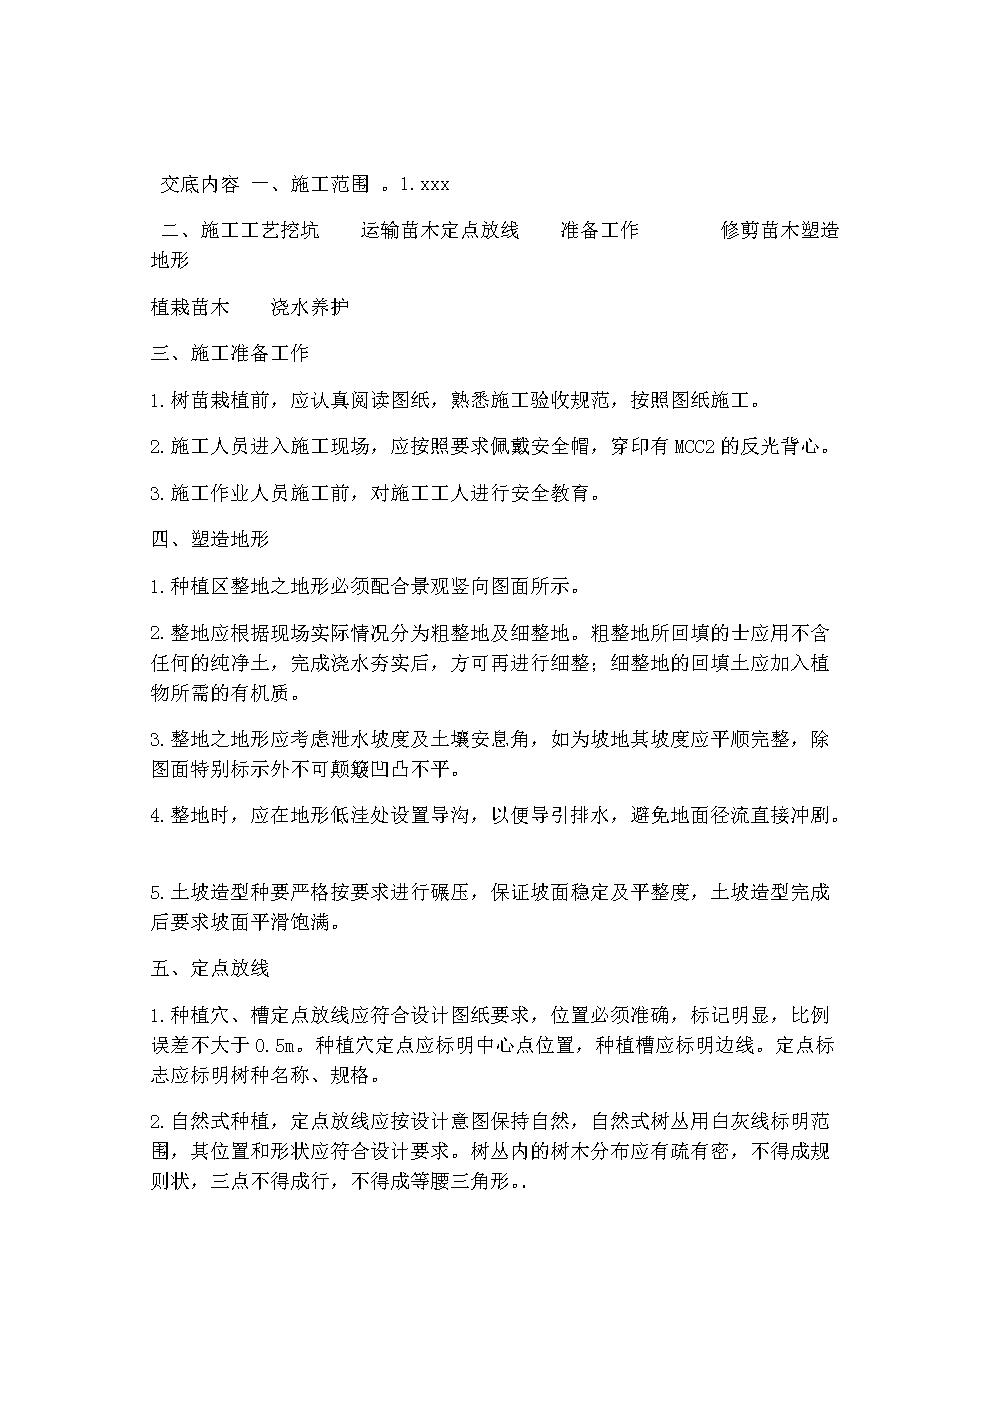 完整版园林绿化技术交底内容.doc